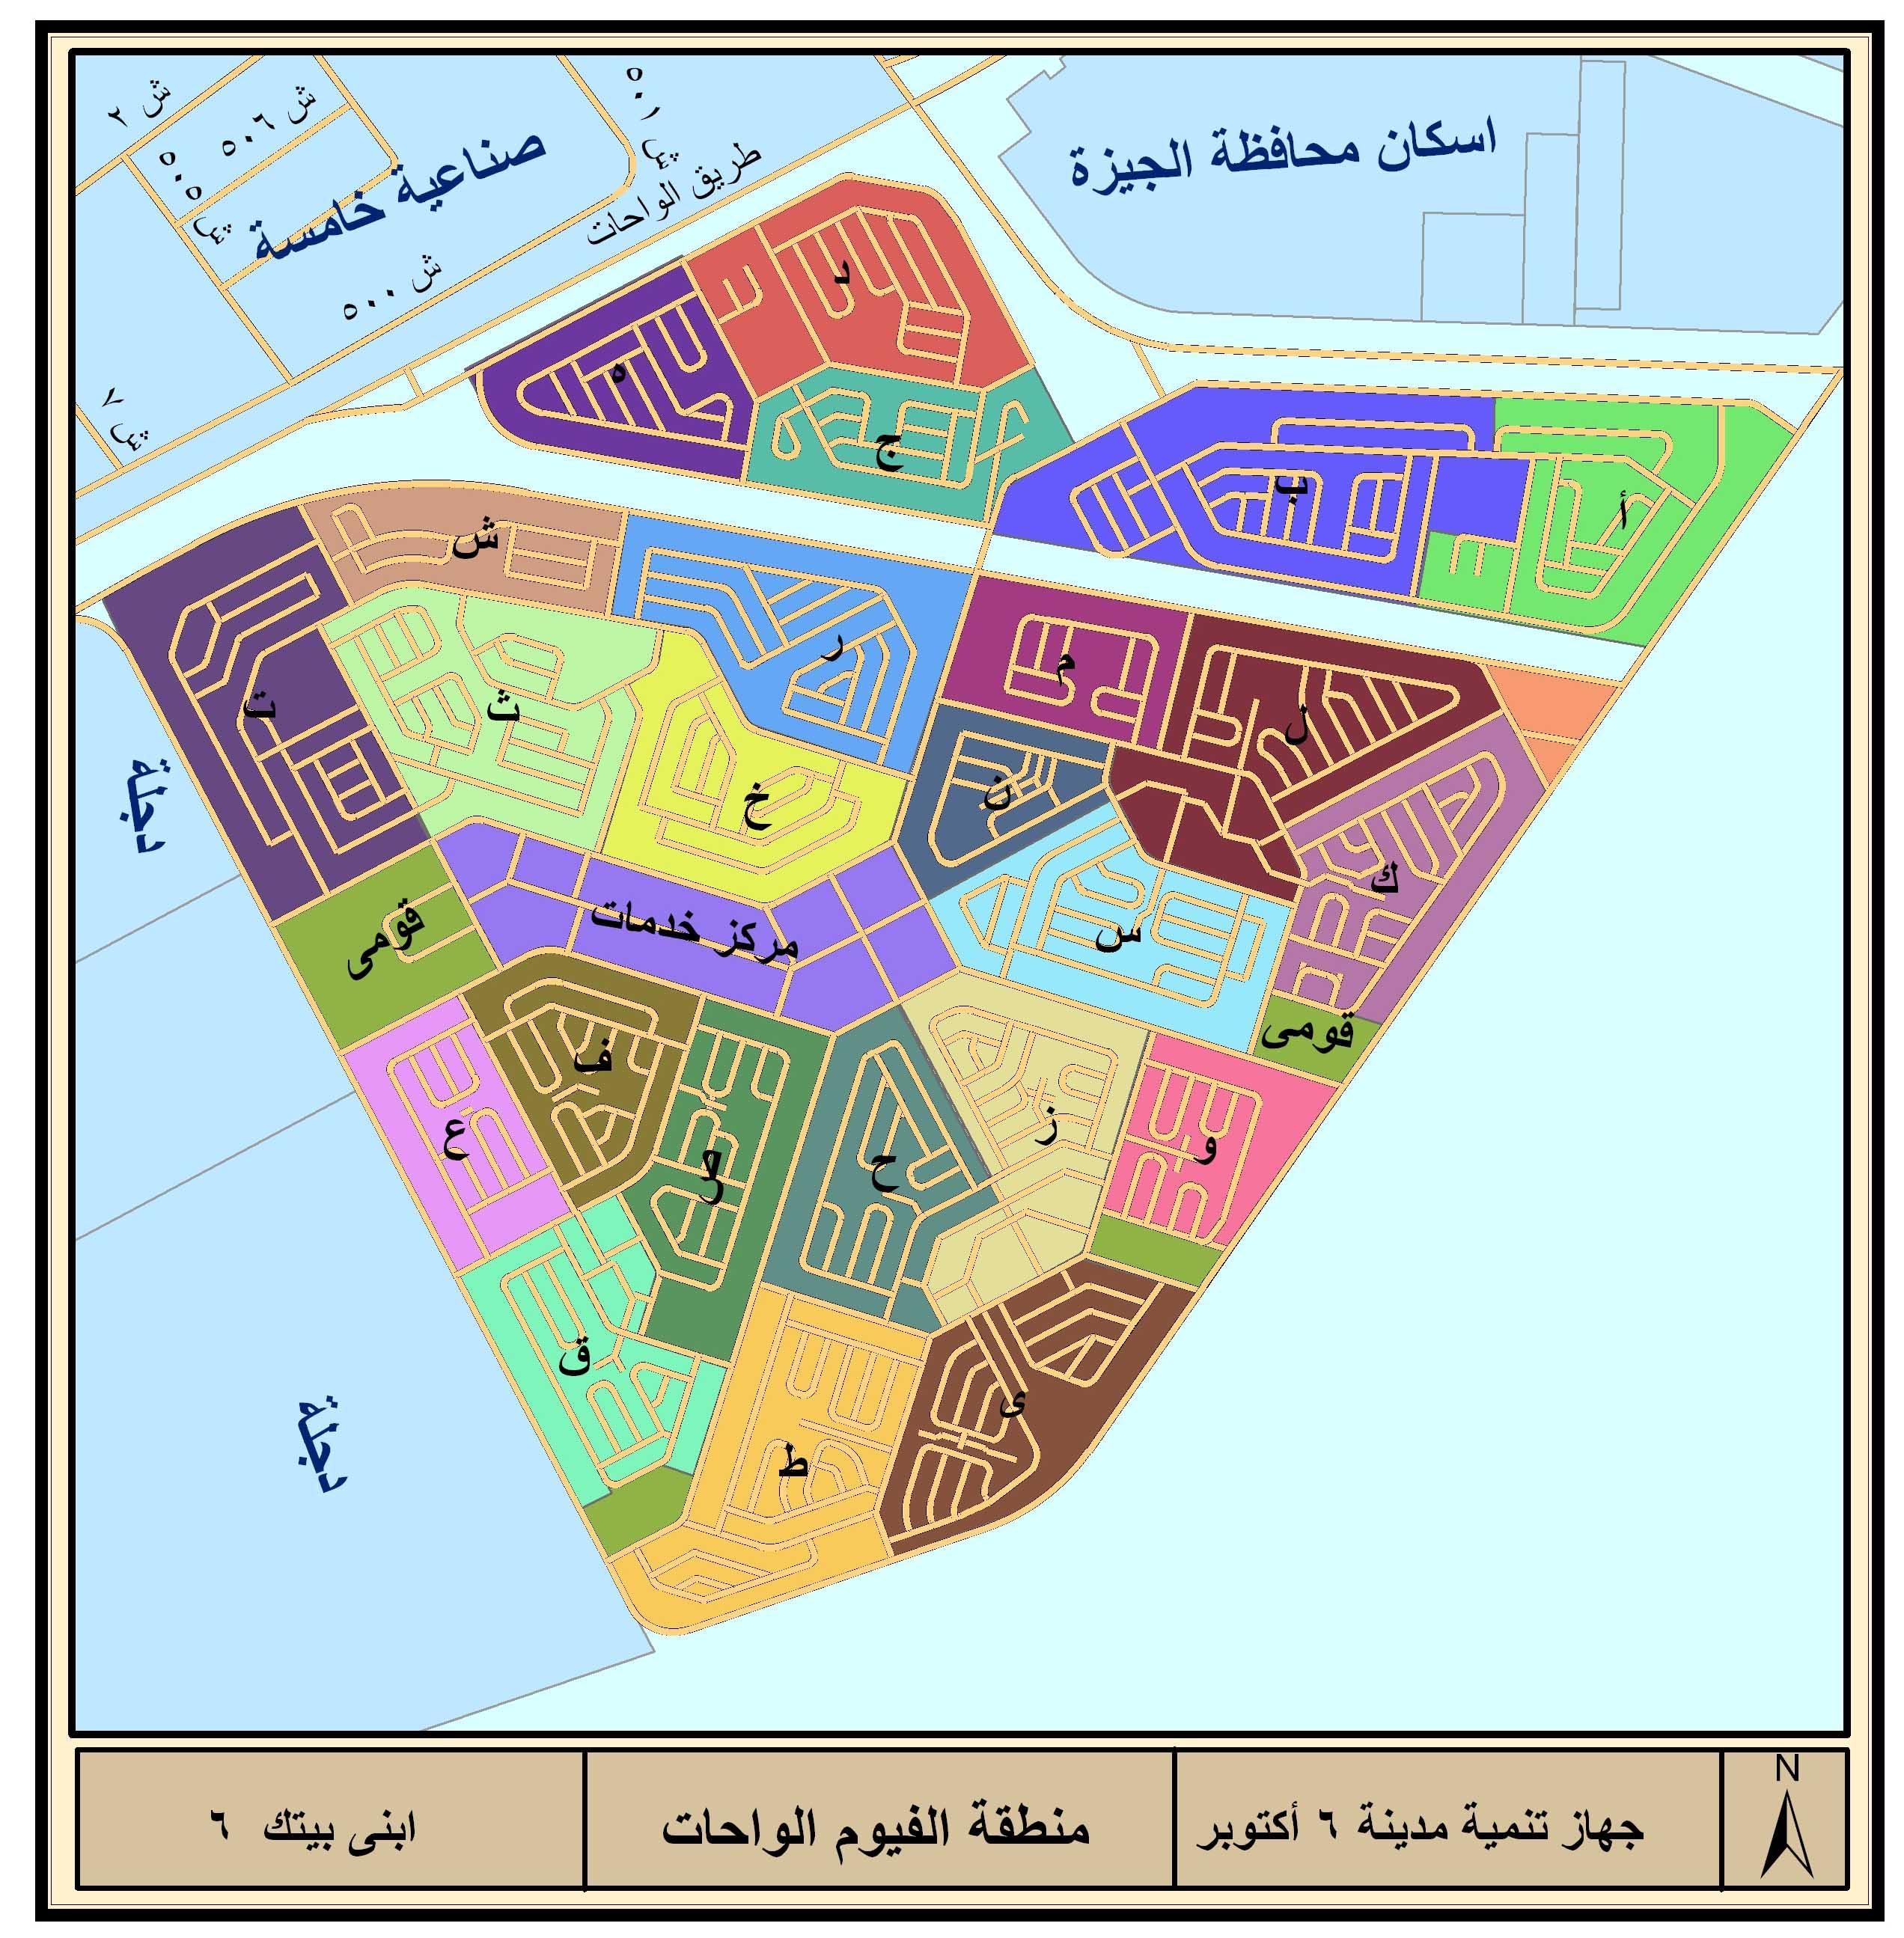 خريطة تفصيلية لمدينة 6 اكتوبر 1